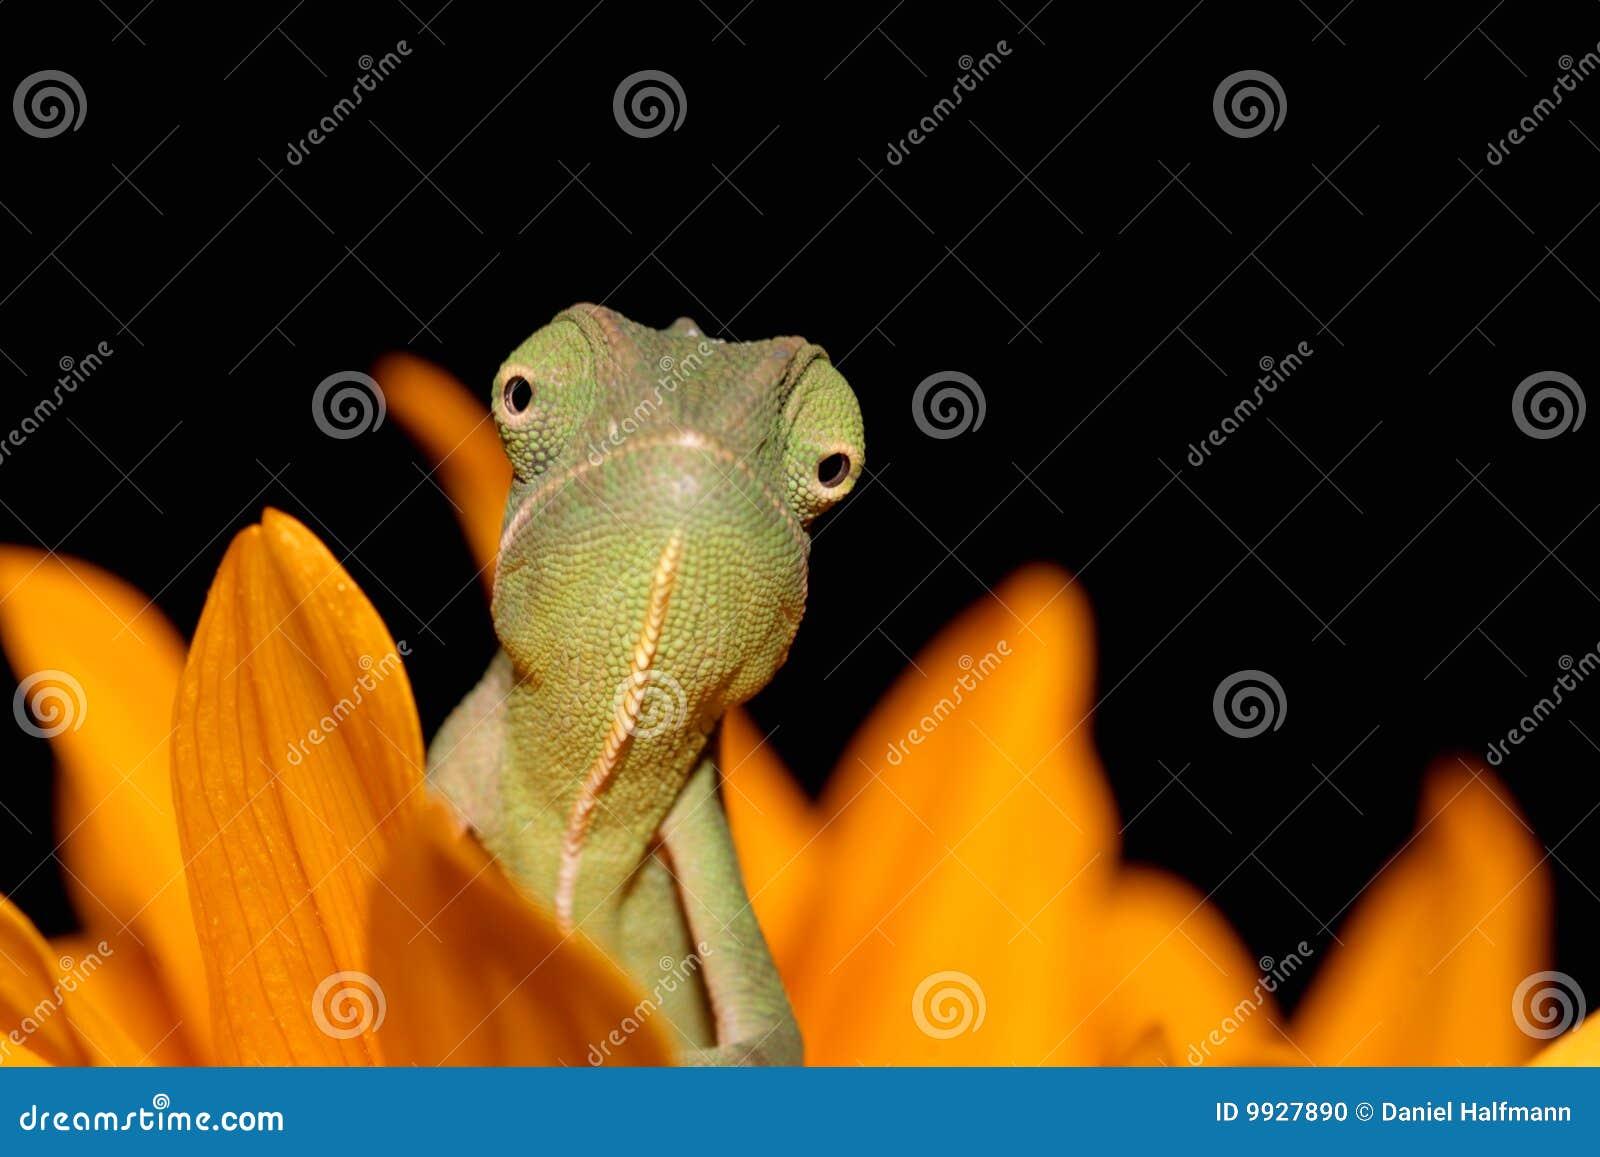 Chameleon and sunflower